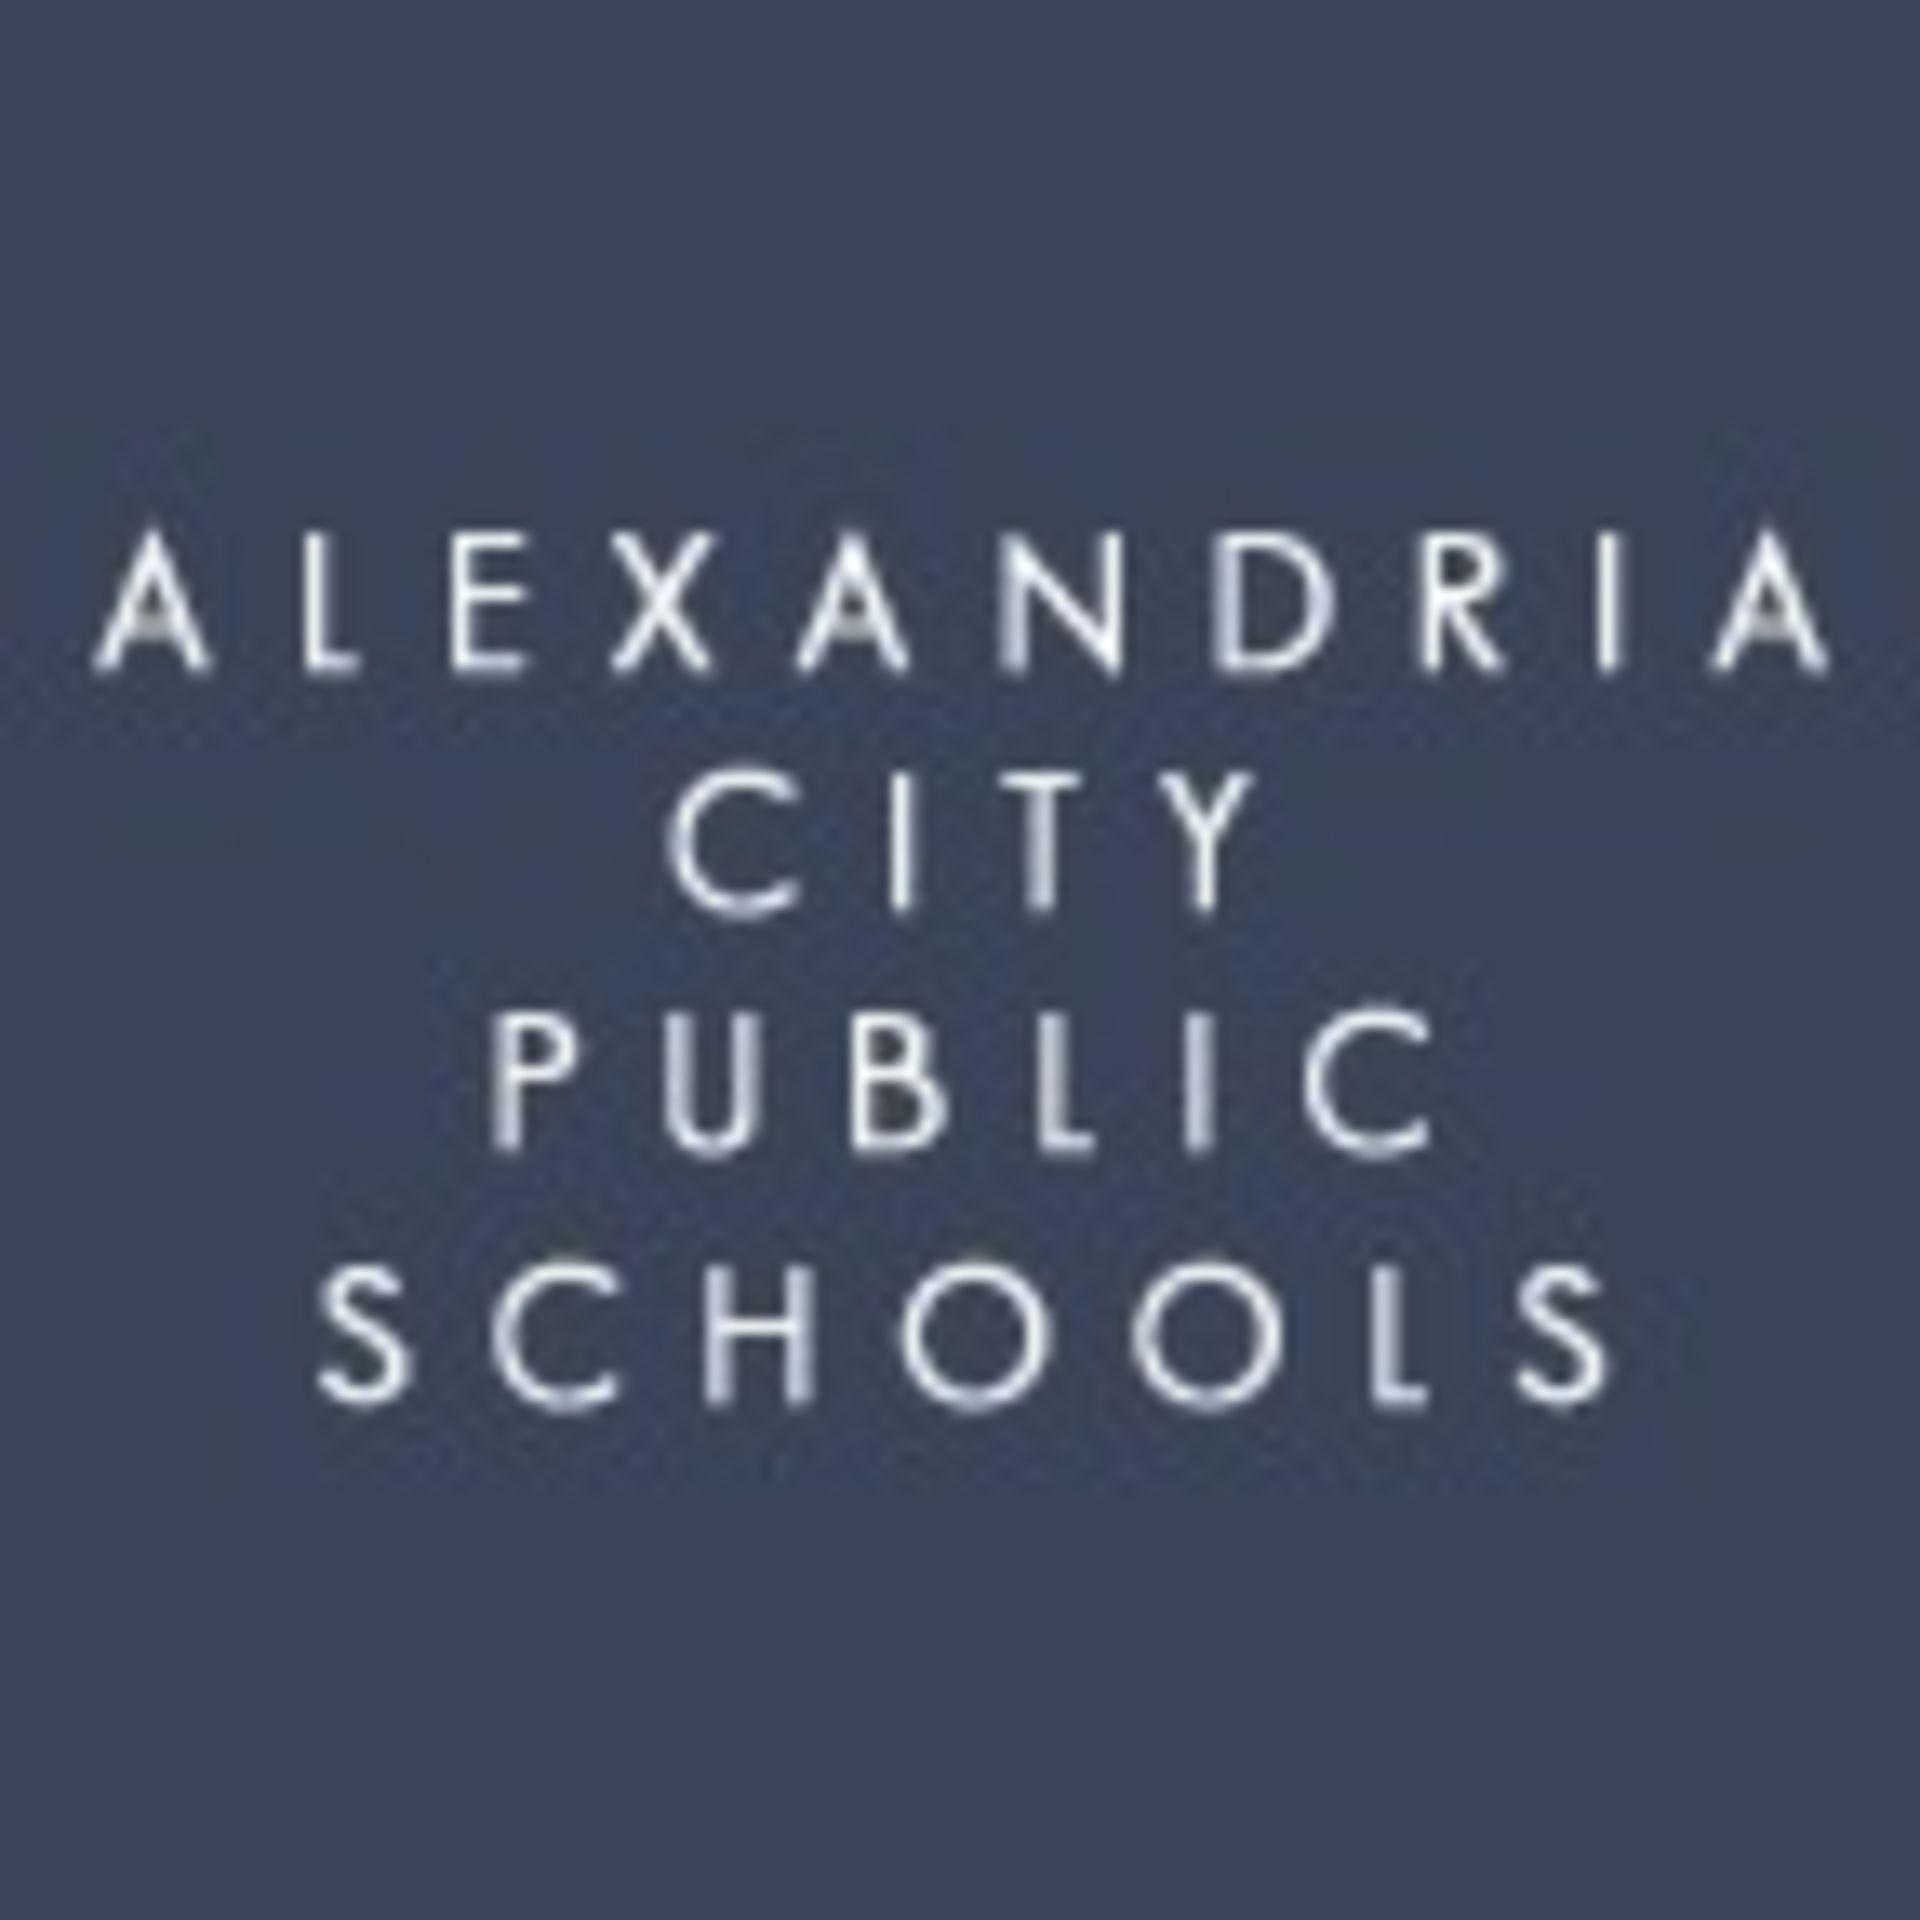 Alexandria Public Schools